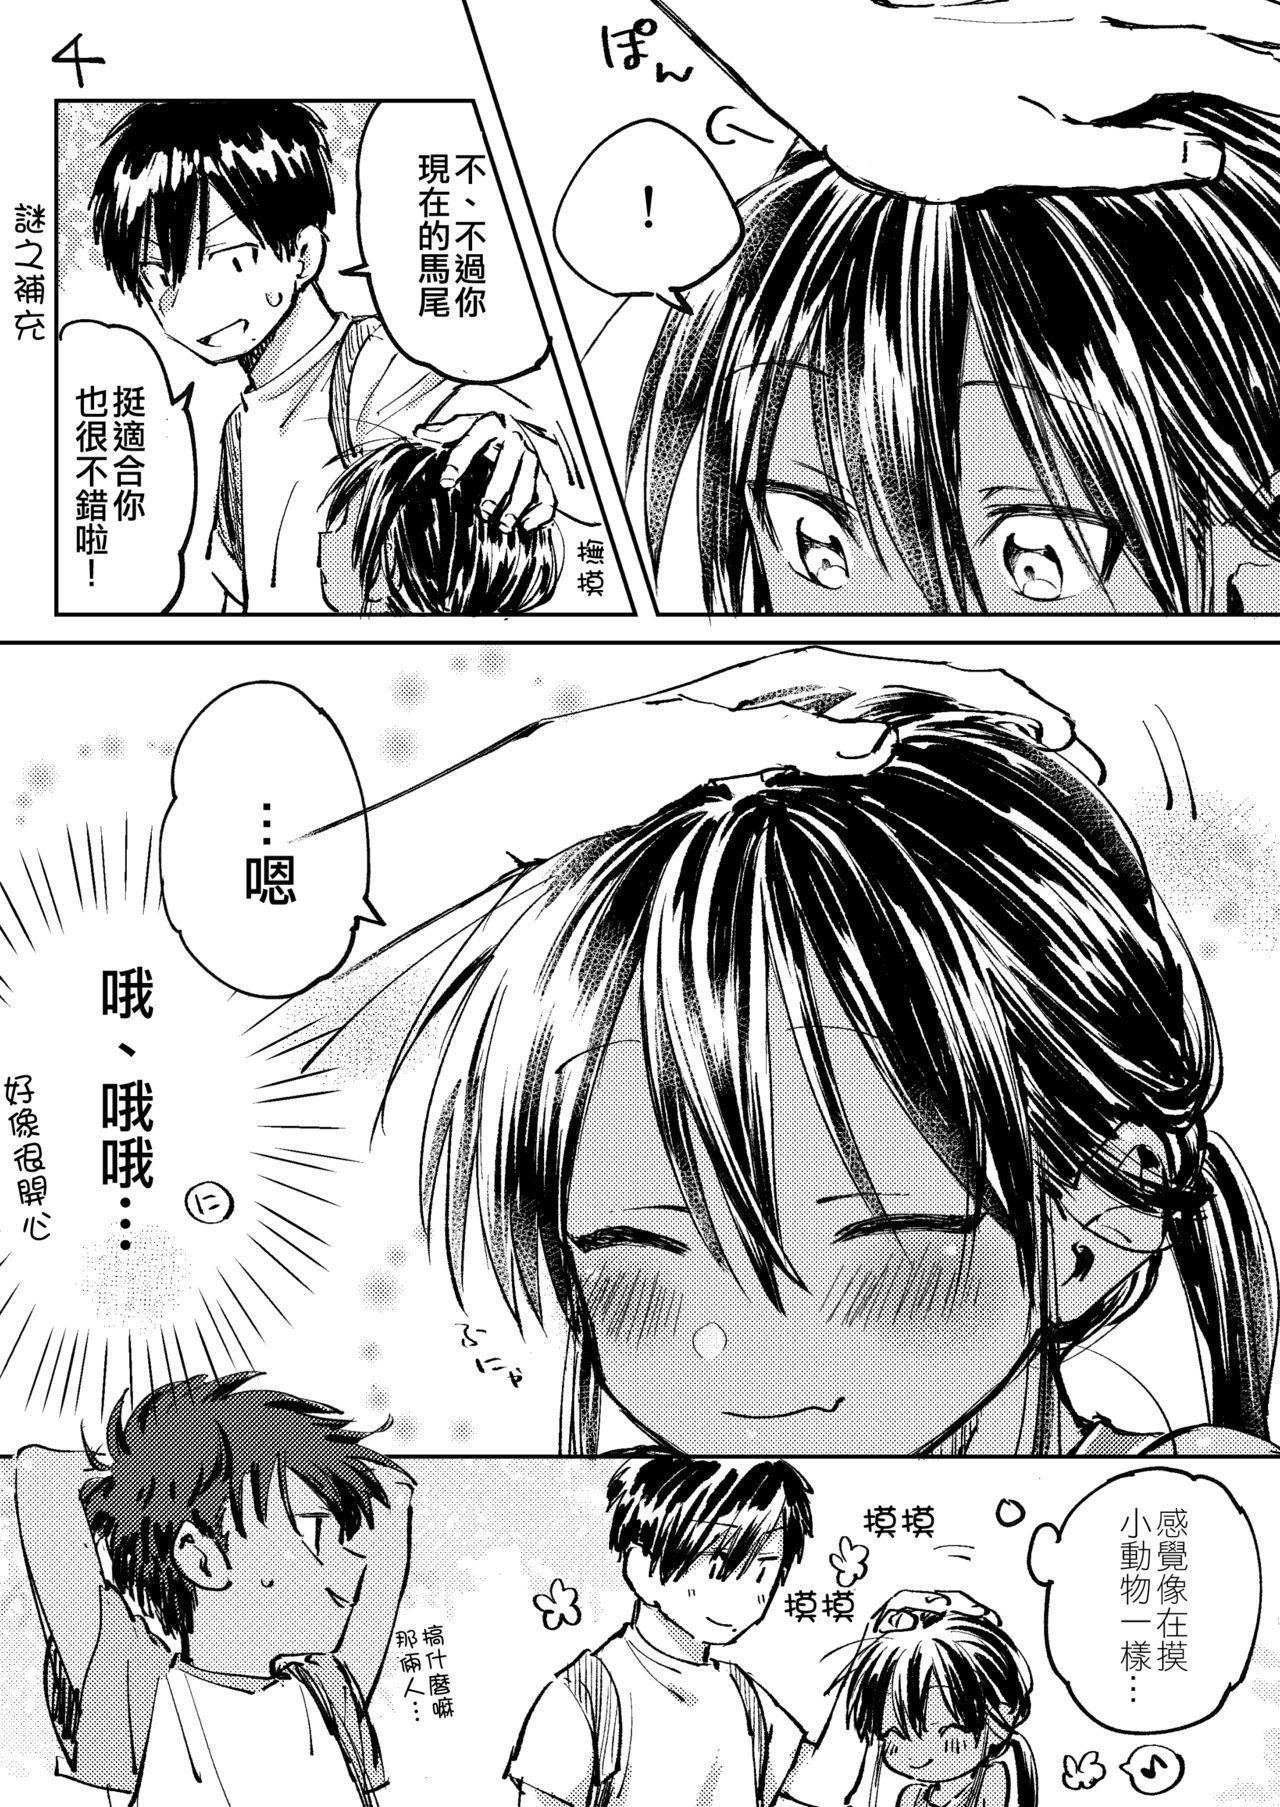 Inaka ni Kaeru to Yakeni Jiben ni Natsuita Kasshoku Ponytail Shota ga Iru 21